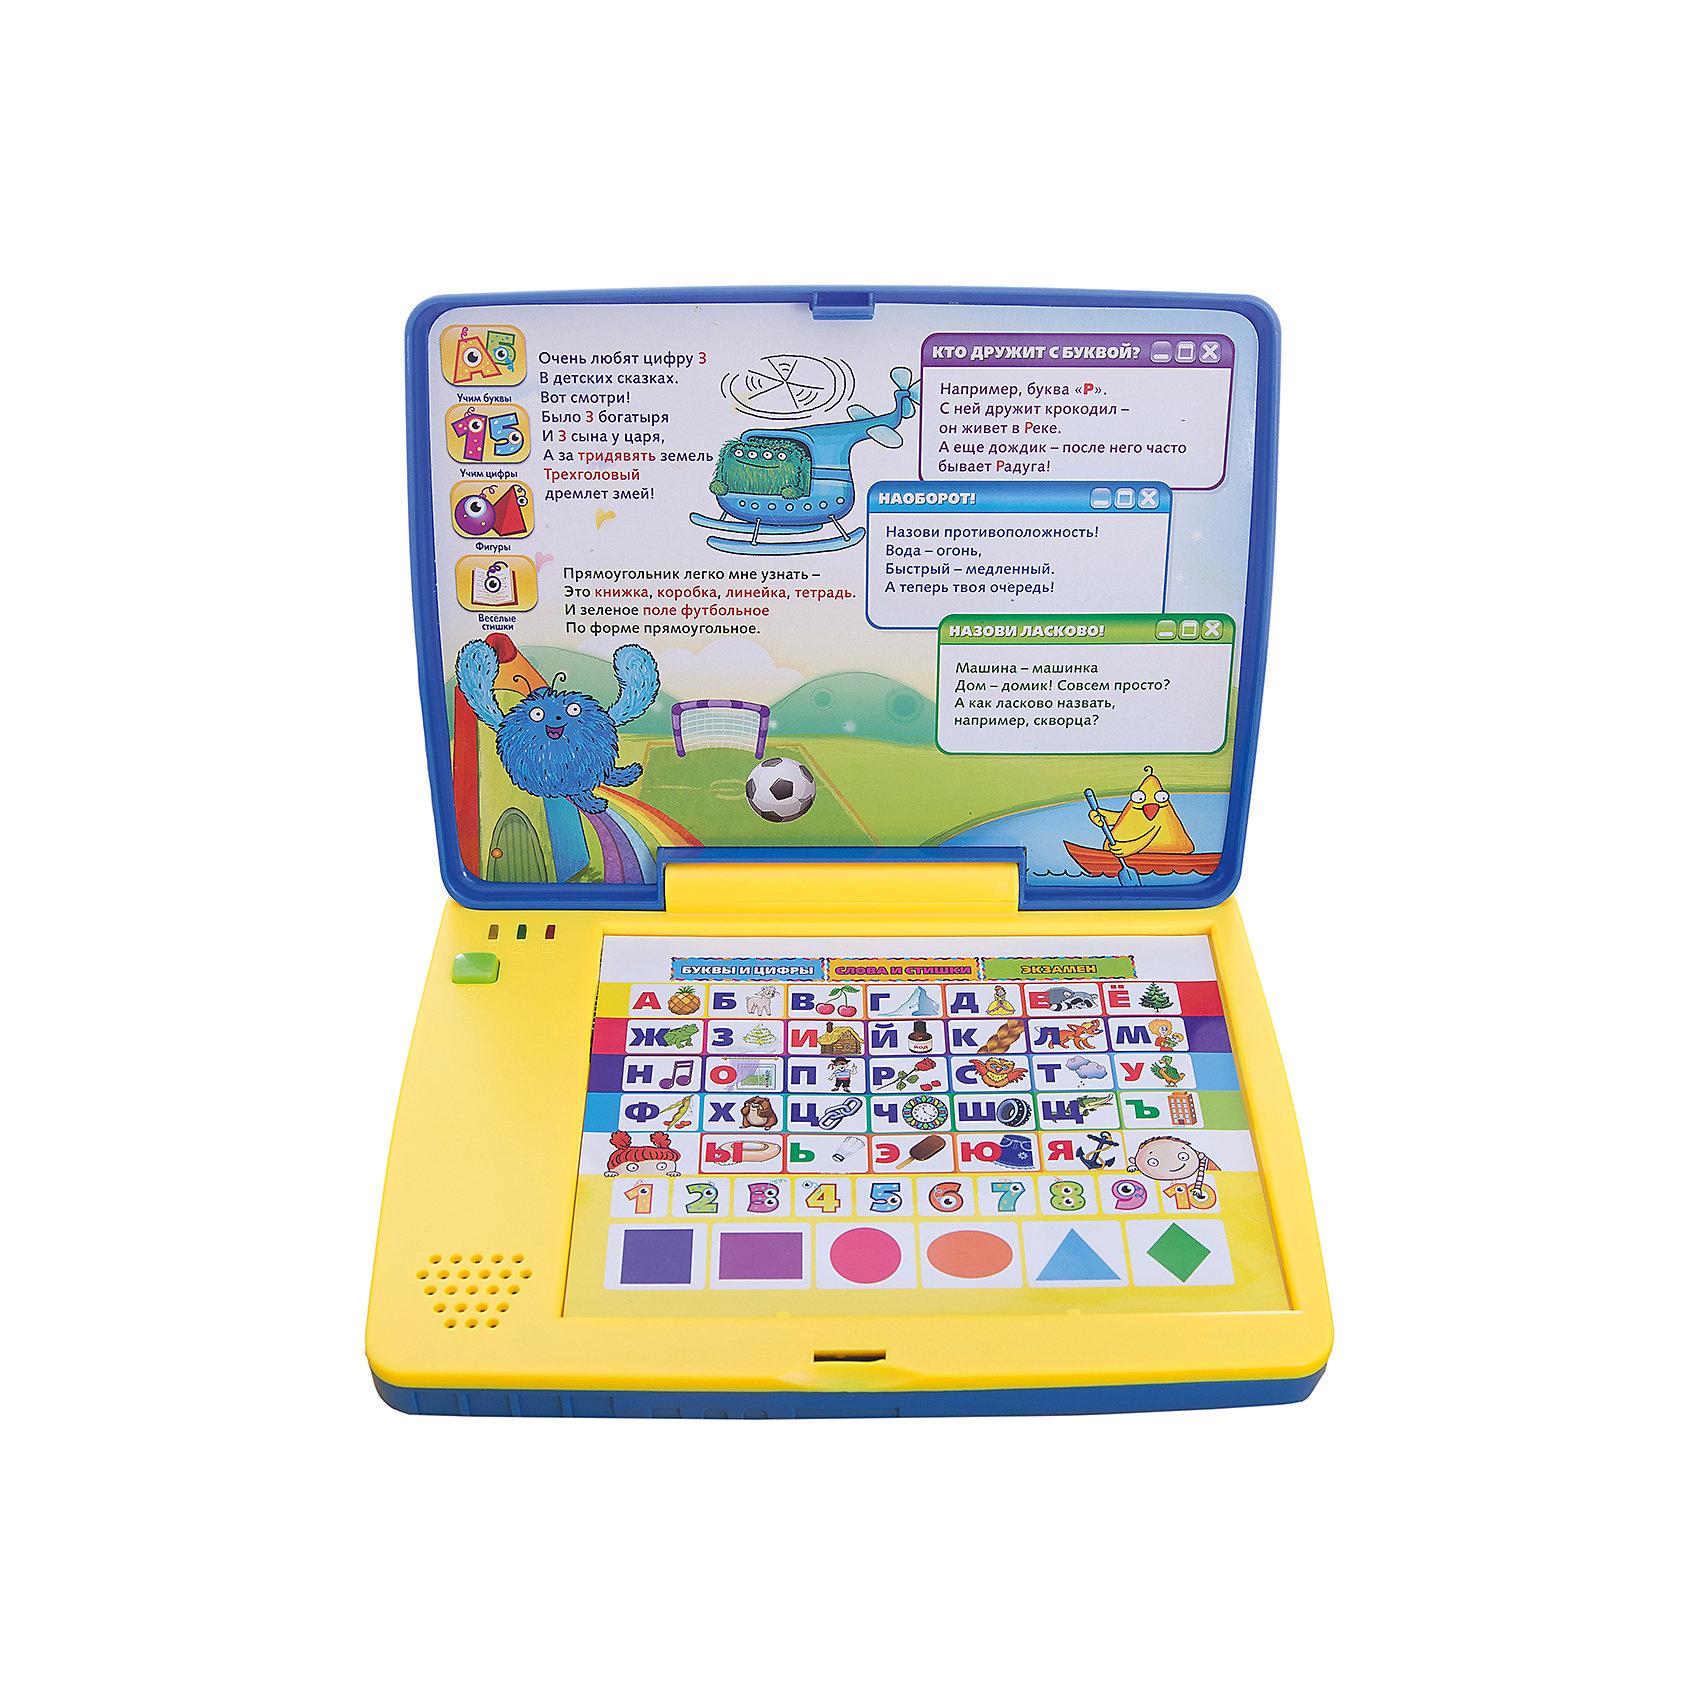 Компьютер для малышей, Kribly BooДетская электроника<br>Дети обожают гаджеты и новые технологии. Благодаря этому обучающему компьютеру, ваш малыш сможет развить память, внимание, научится сосредотачиваться на предложенных заданиях и, конечно, получит массу положительных эмоций. Компьютер имеет три режима игры:<br>- Буквы и цифры.<br>- Слова и стишки.<br>- Режим Экзамен в игре подготавливает ребенка к будущему школьному обучению, учит его сосредоточиваться на предложенных заданиях.<br><br>Дополнительная информация:<br><br>- Материал: пластик, металл.<br>- Размер: 24х34х5 см.<br>- Звуковые эффекты.<br>- Стихи озвучены профессиональными актерами. <br>- Элемент питания: 3 ААА батарейки (входят в комплект).<br>- 3 режима. <br>- Язык: русский.<br><br>Компьютер для малышей, Kribly Boo, можно купить в нашем магазине.<br><br>Ширина мм: 340<br>Глубина мм: 240<br>Высота мм: 48<br>Вес г: 583<br>Возраст от месяцев: 36<br>Возраст до месяцев: 84<br>Пол: Унисекс<br>Возраст: Детский<br>SKU: 4515329